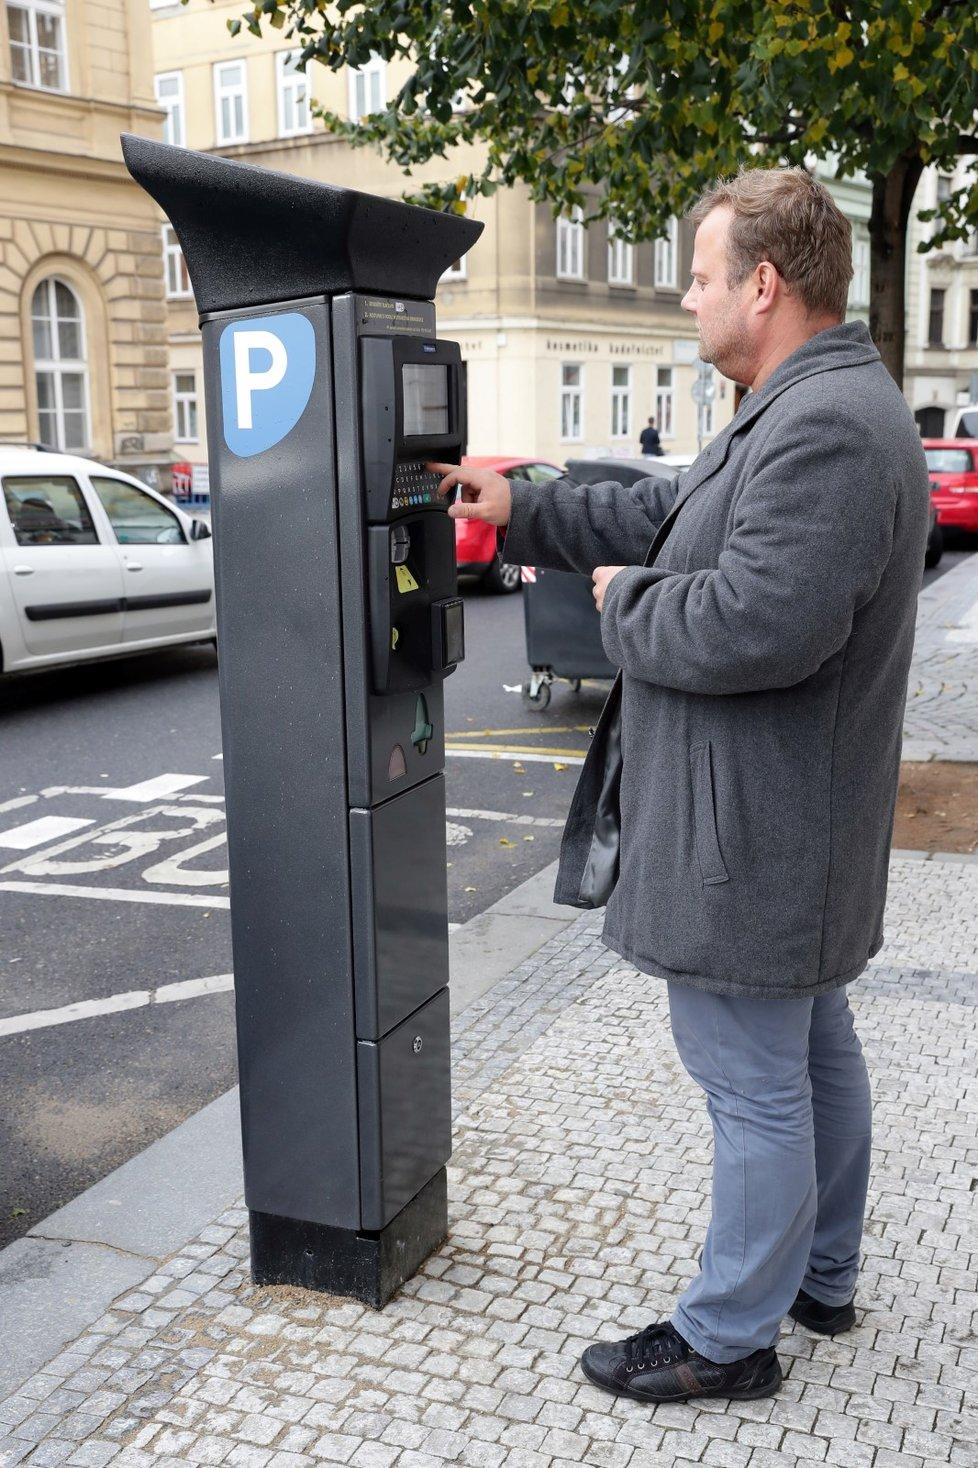 Od 28. dubna od 00:00 hod. už řidiči budou muset platit za parkování v parkovacích zónách nejen v Praze. To bylo kvůli pandemii koronaviru dočasně zrušené.